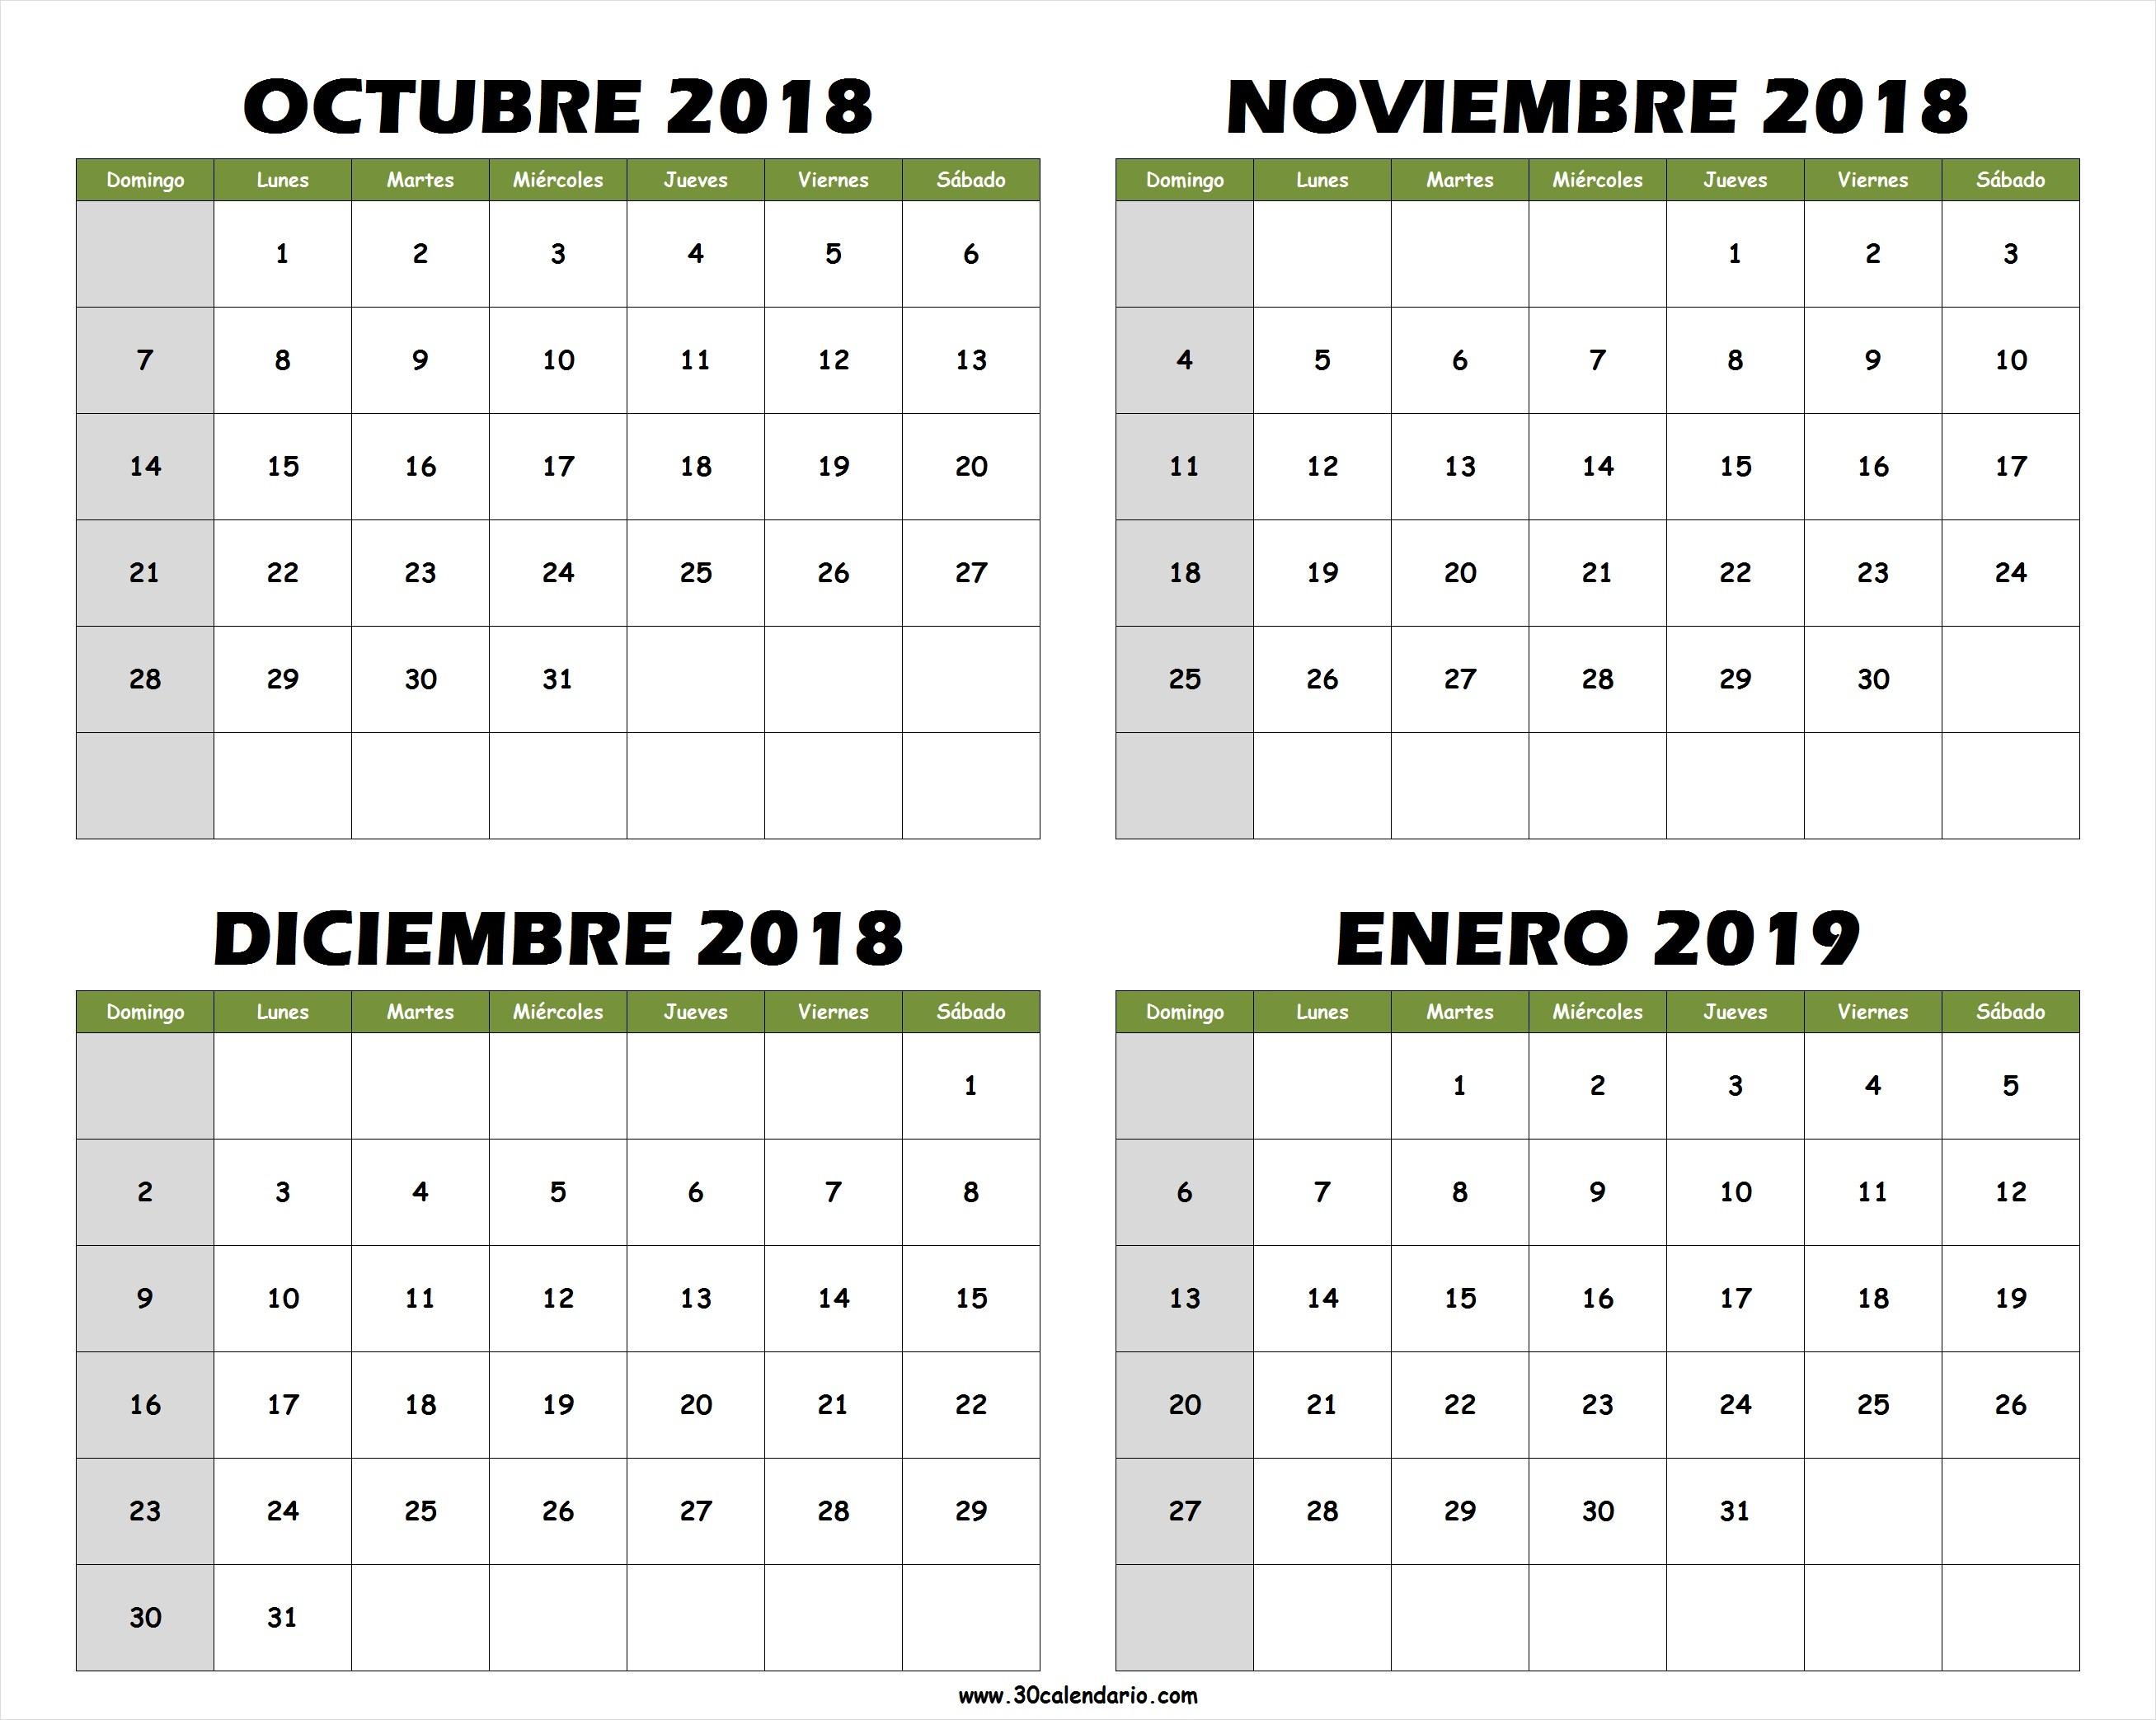 Calendario Febrero 2019 Colombia Recientes Calendario Octubre 2018 Colombia T Of Calendario Febrero 2019 Colombia Más Populares Calendario Octubre 2018 Colombia T